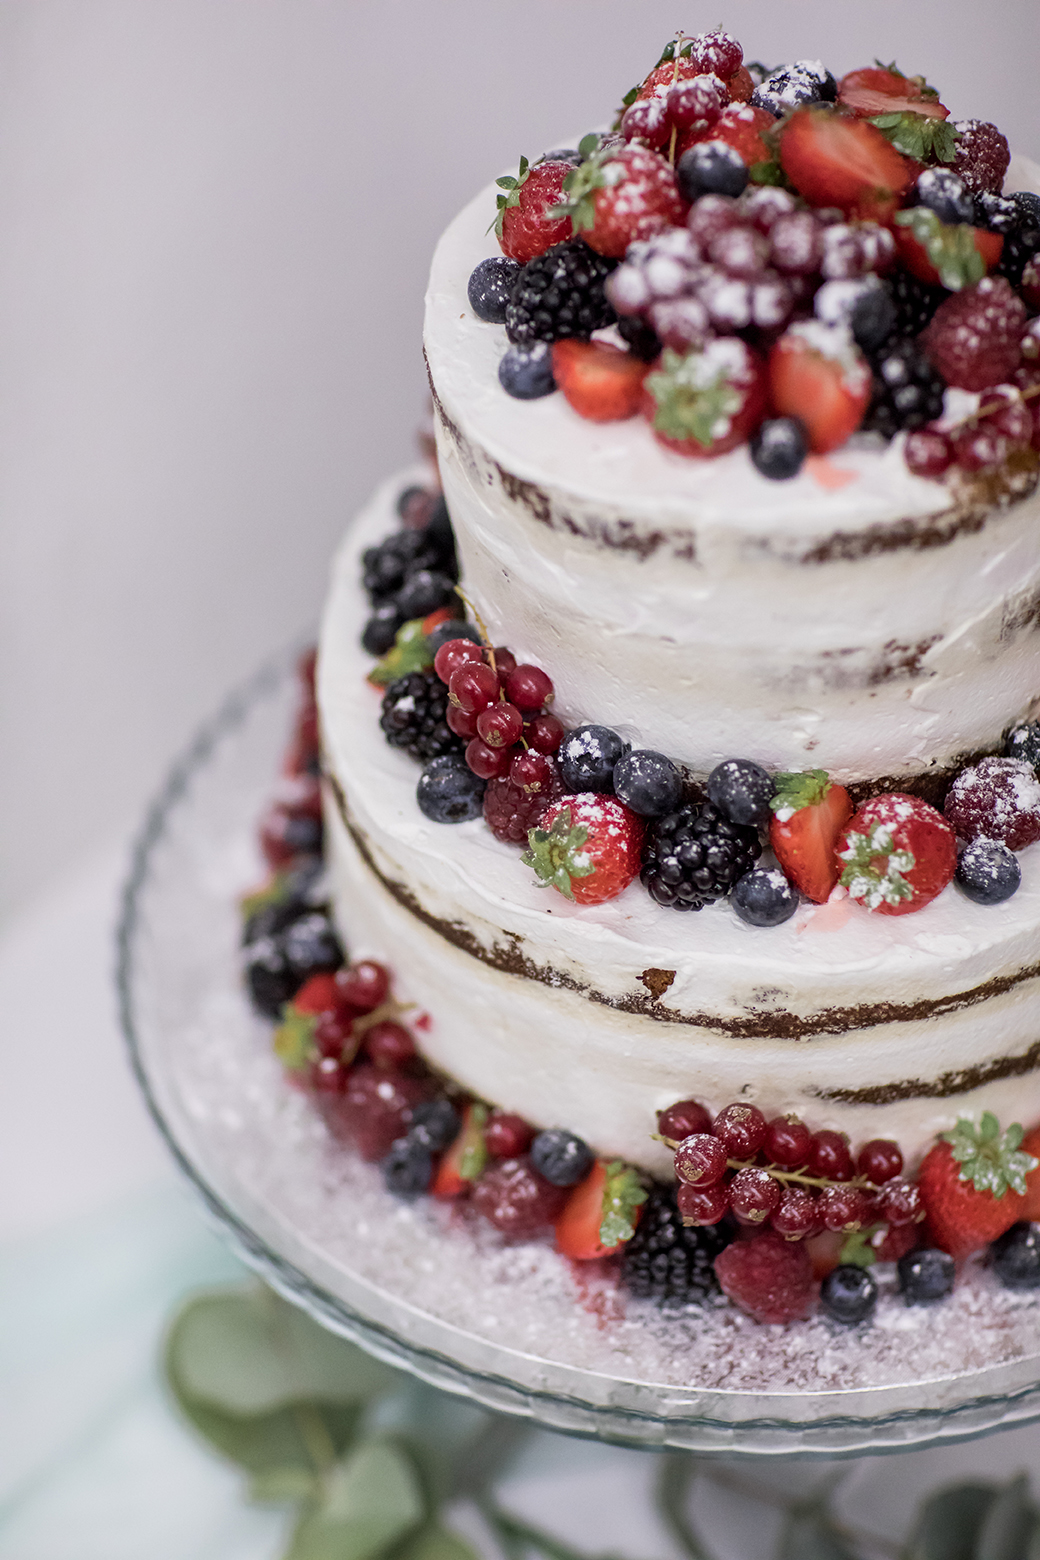 Hochzeitstorten Ideen. Naked Cake mit Früchten